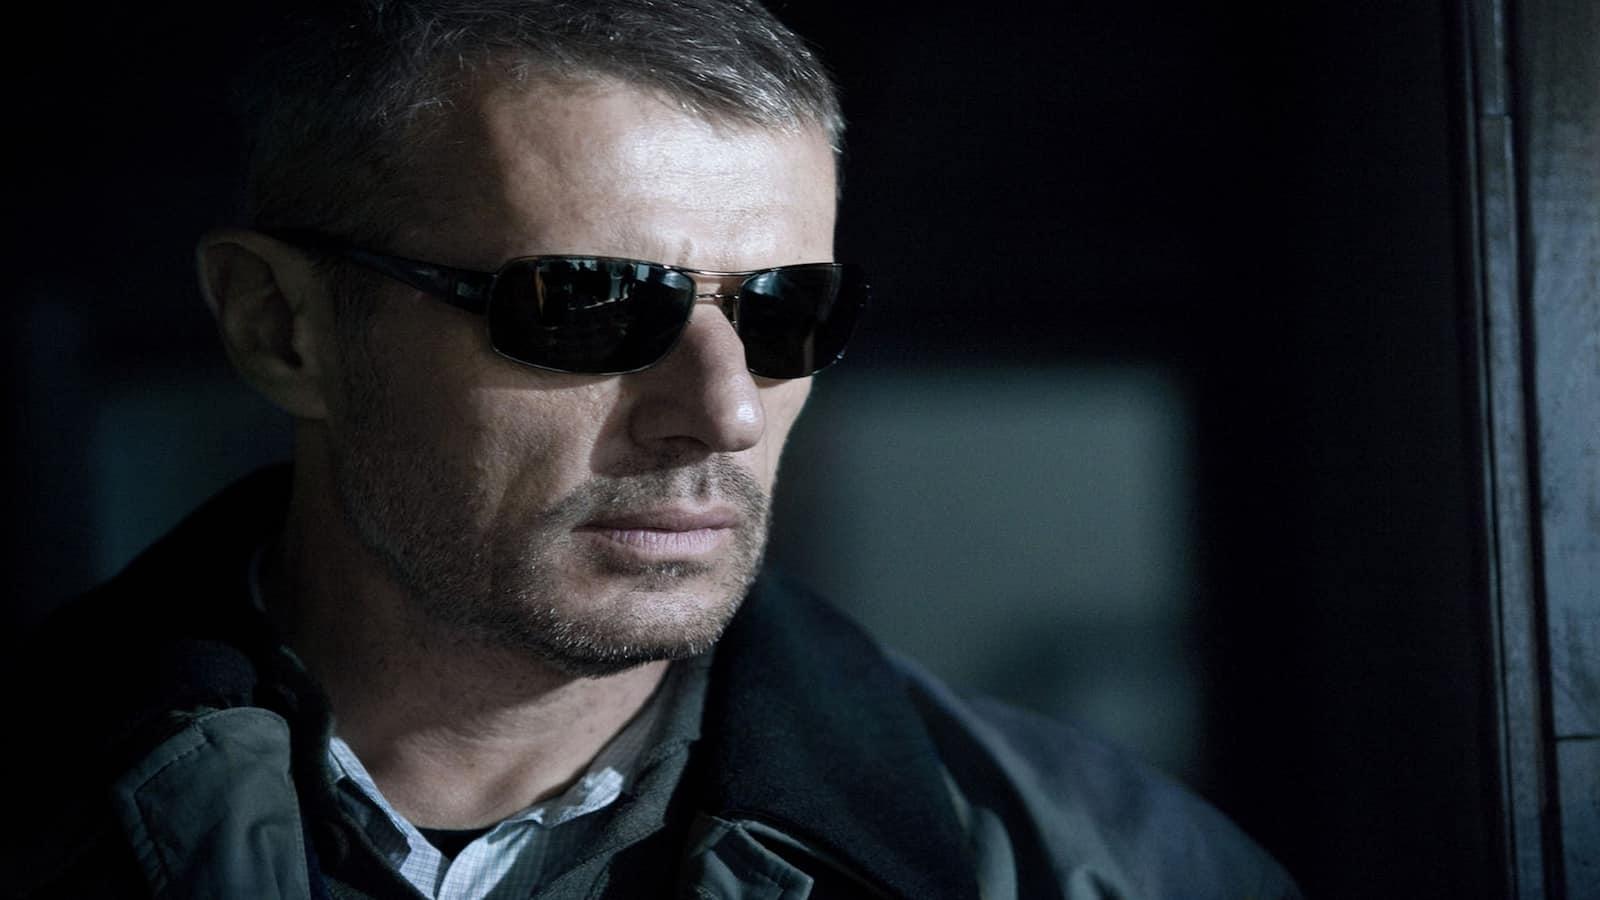 blind-man-2012